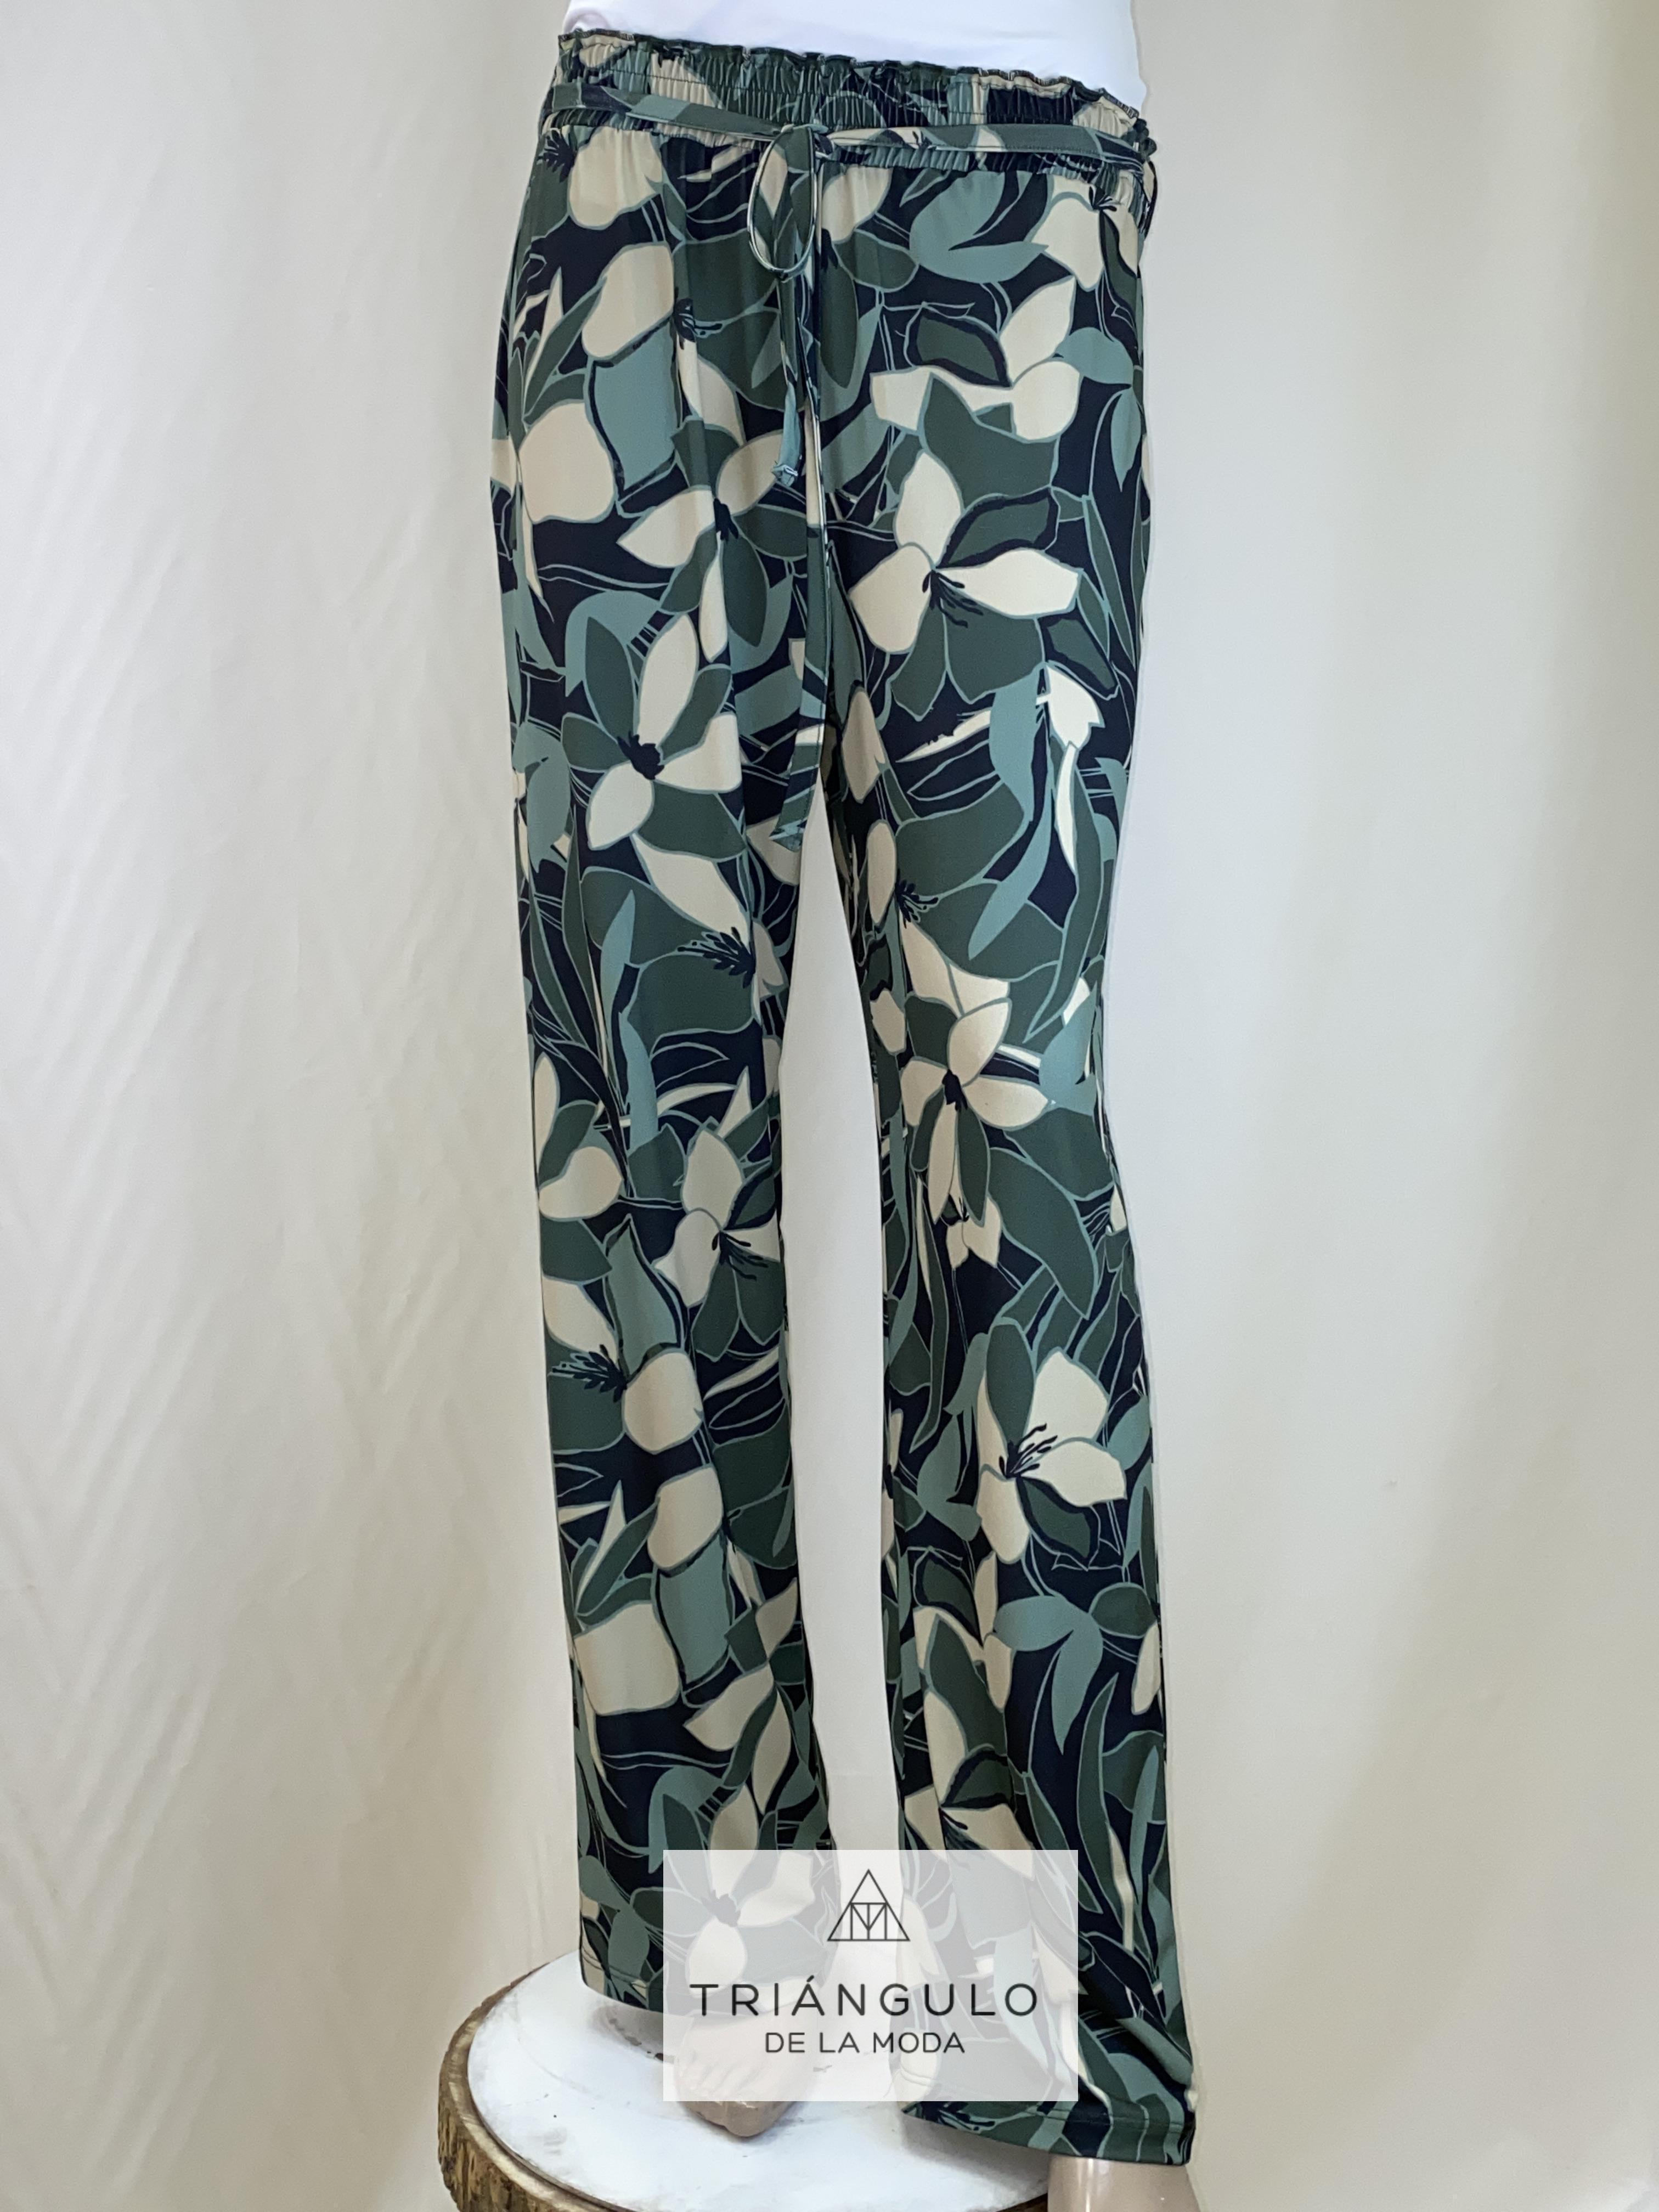 Tienda online del Triangulo de la Moda pantalon estampado